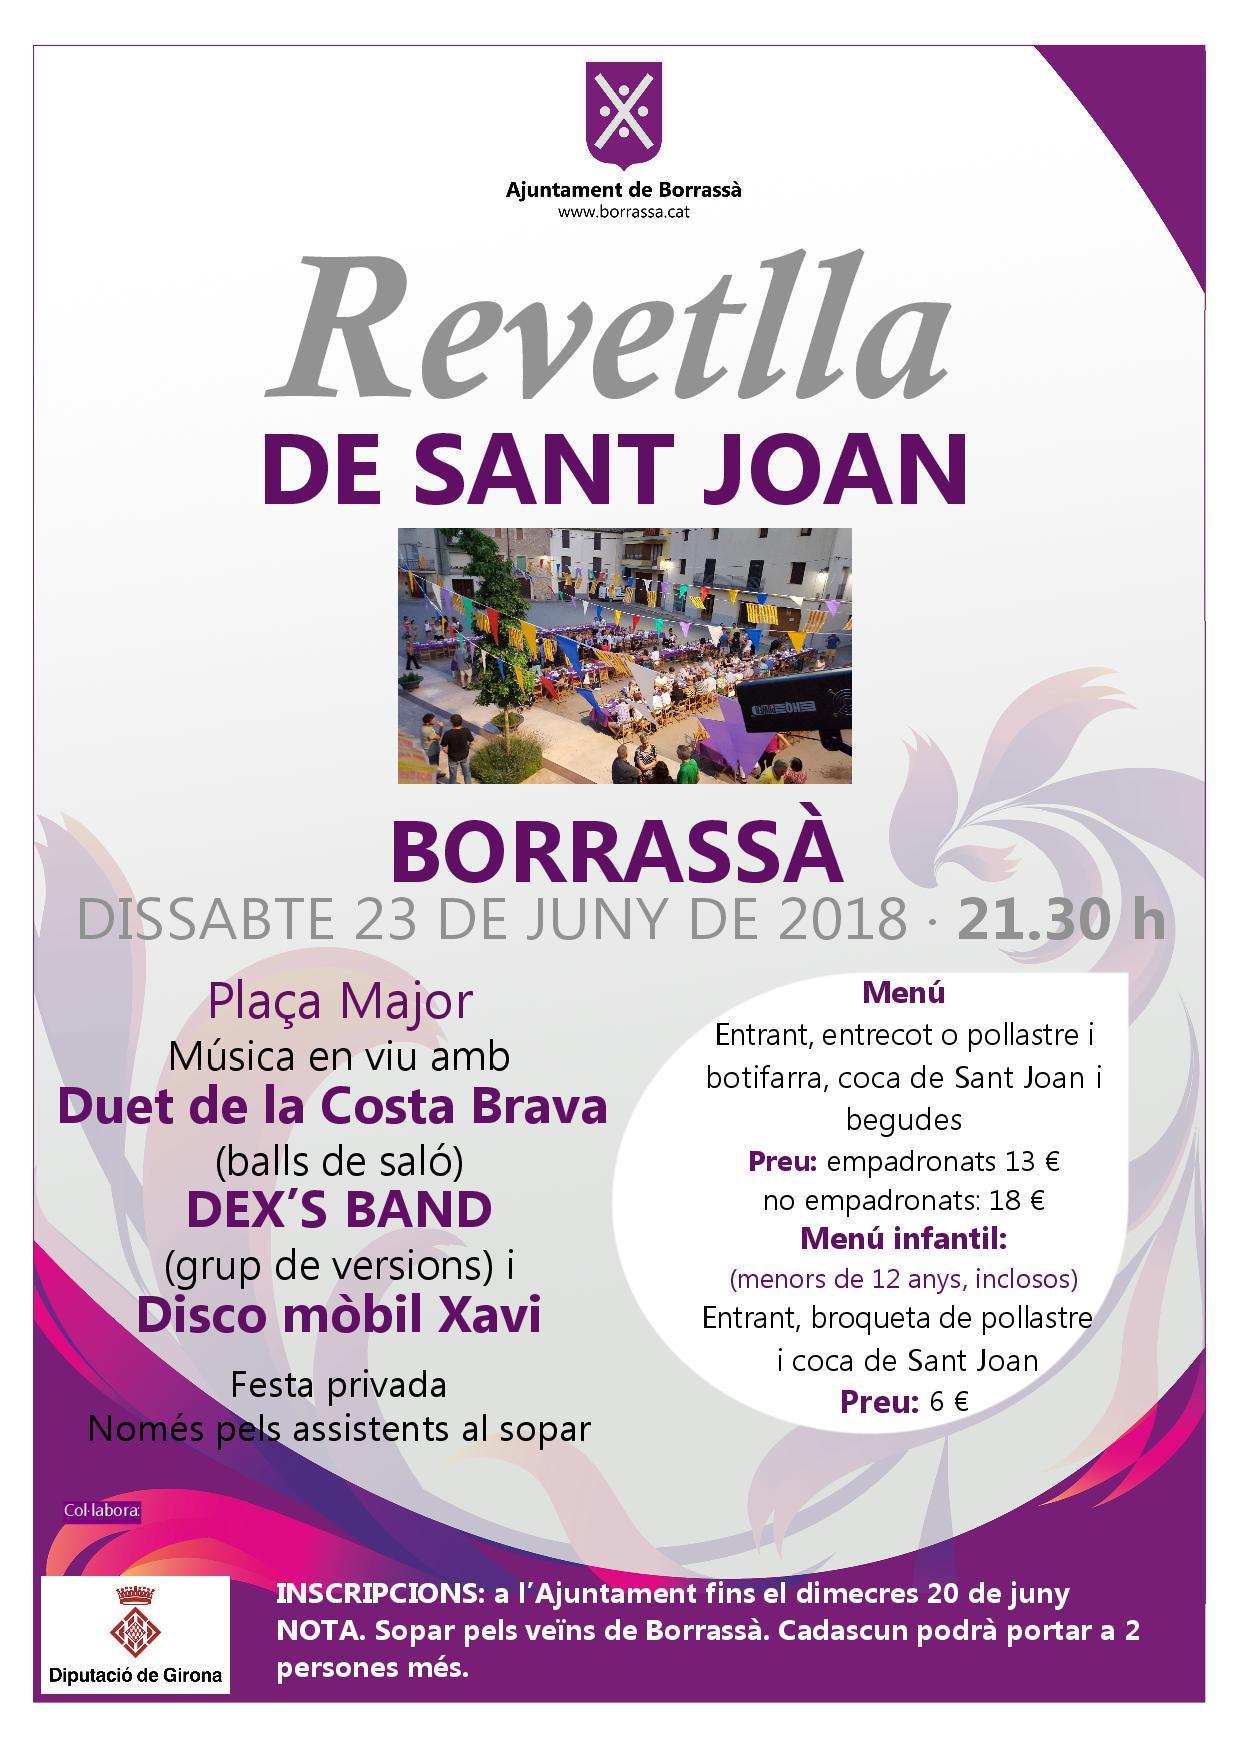 Revetlla de Sant Joan a Borrassà